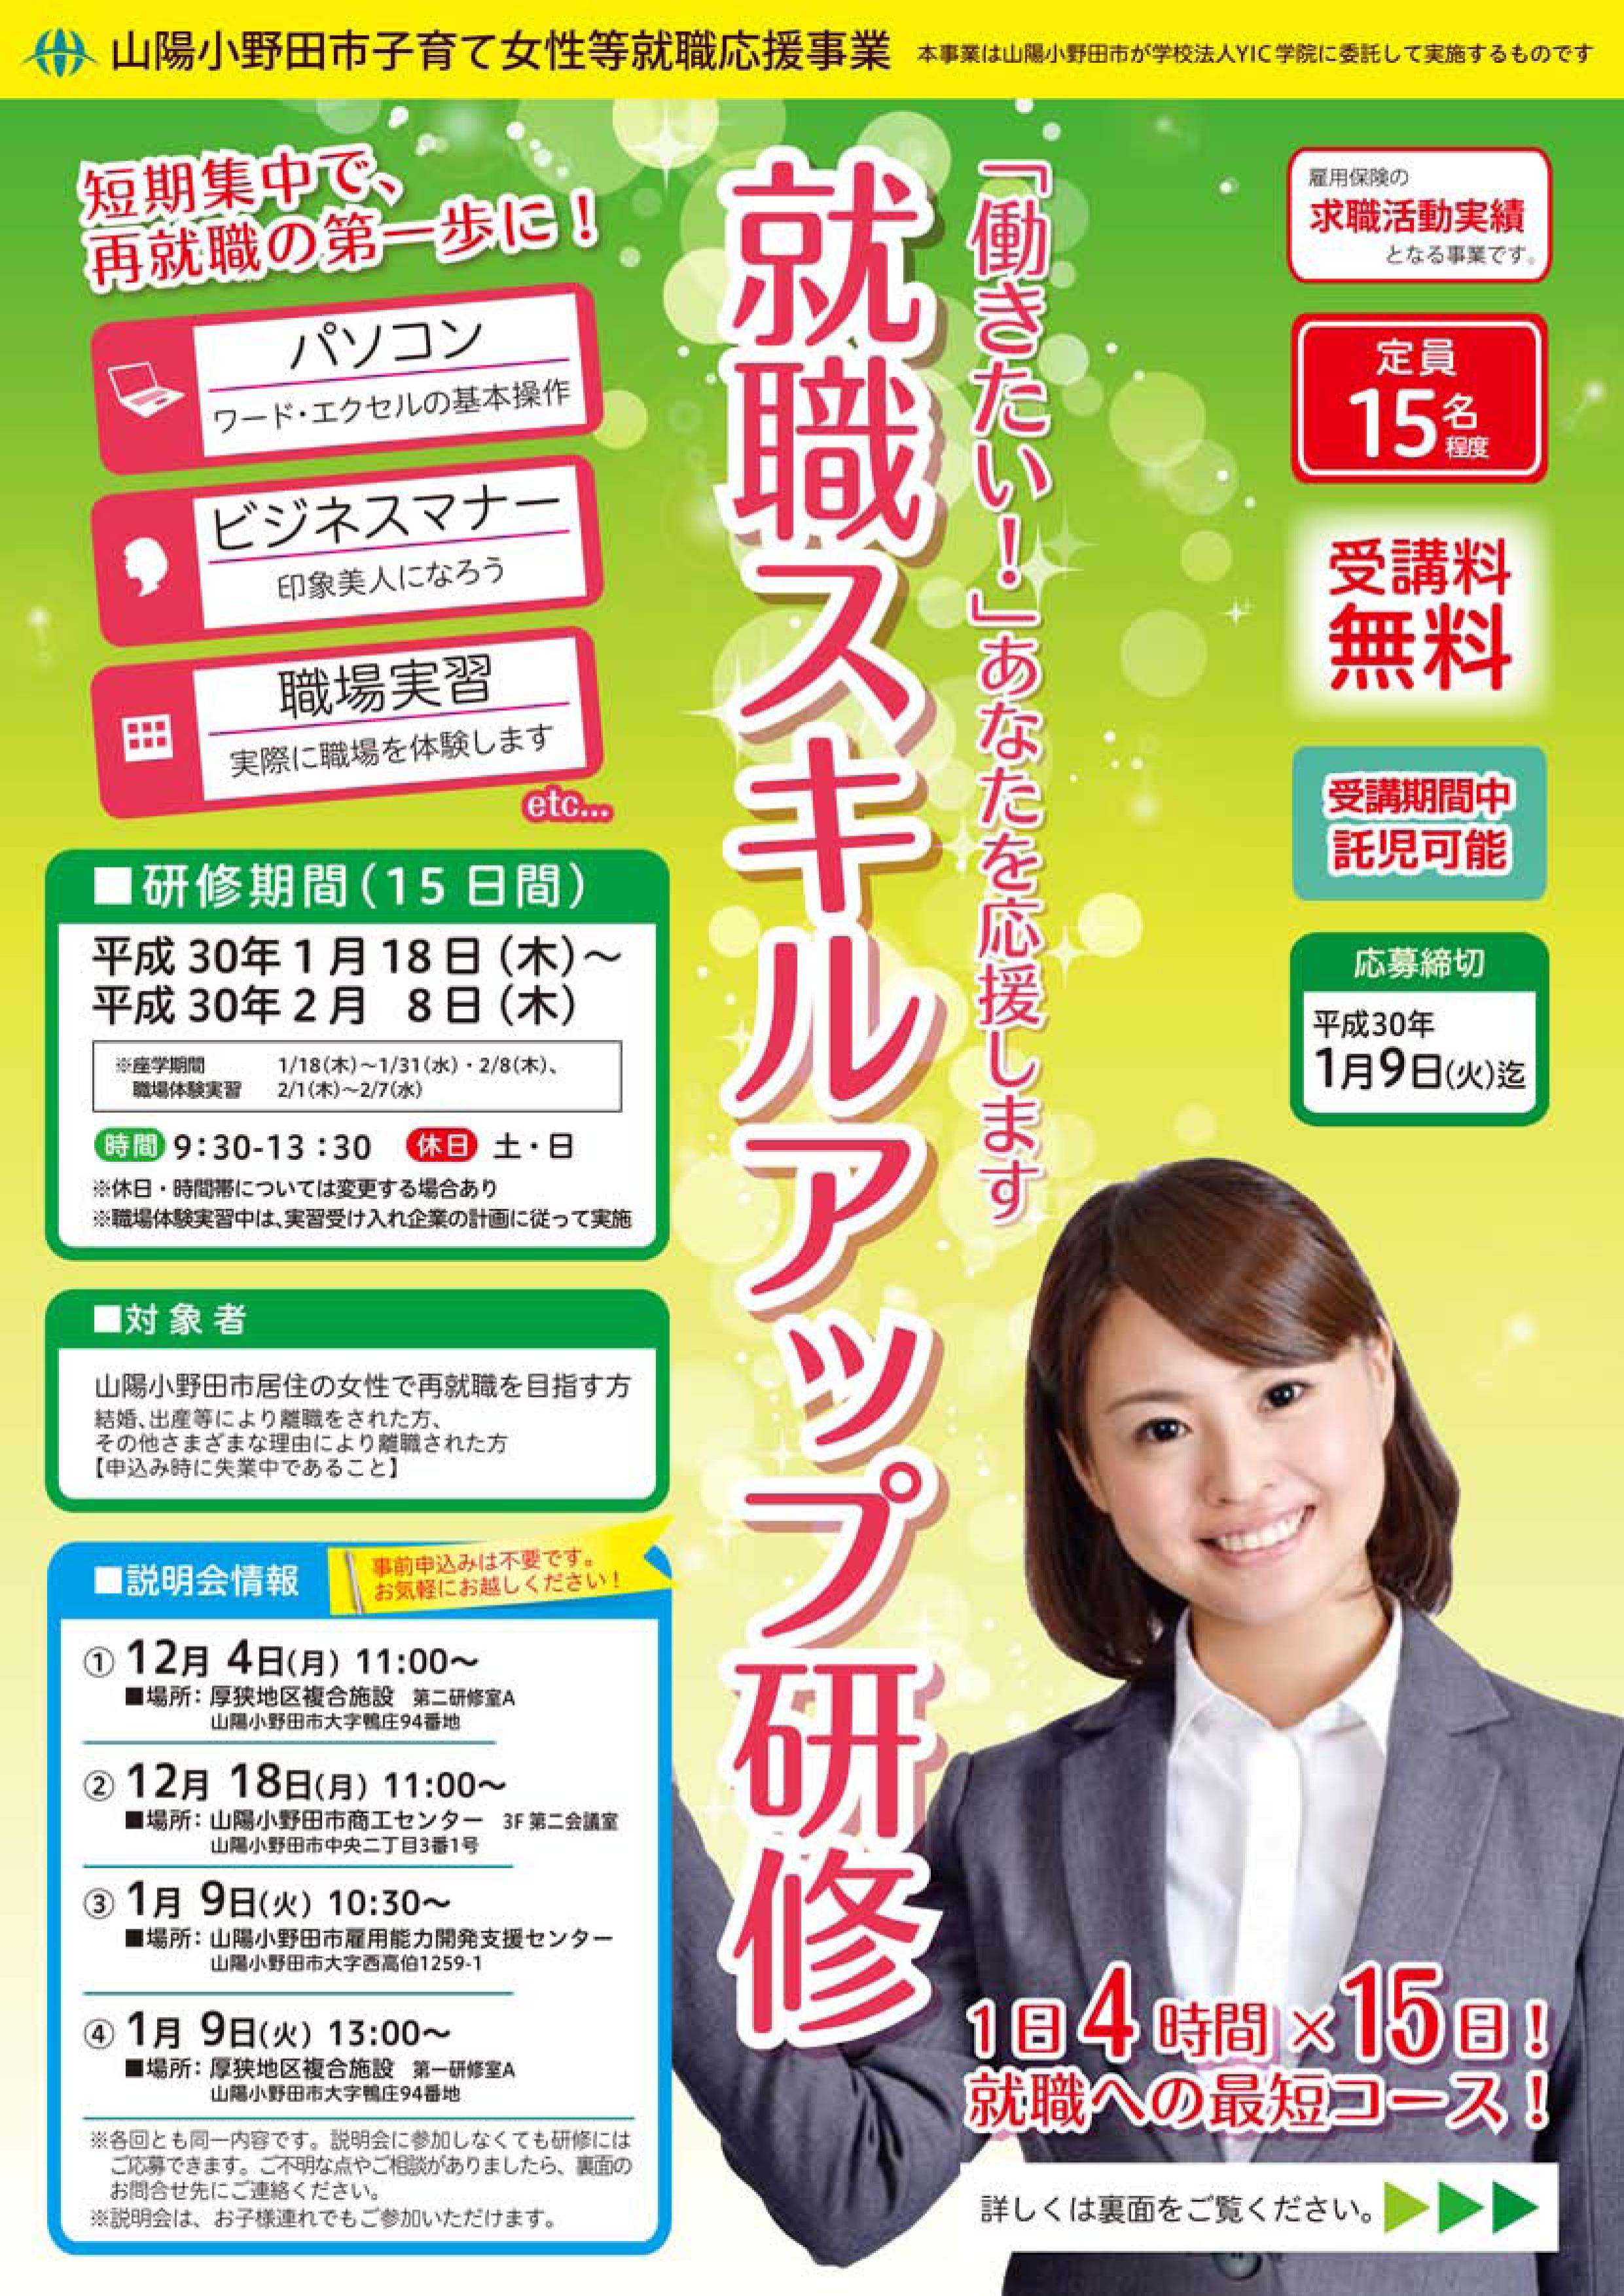 【終了しました】【平成29年度 山陽小野田市子育て女性等就職応援事業】就職スキルアップ研修